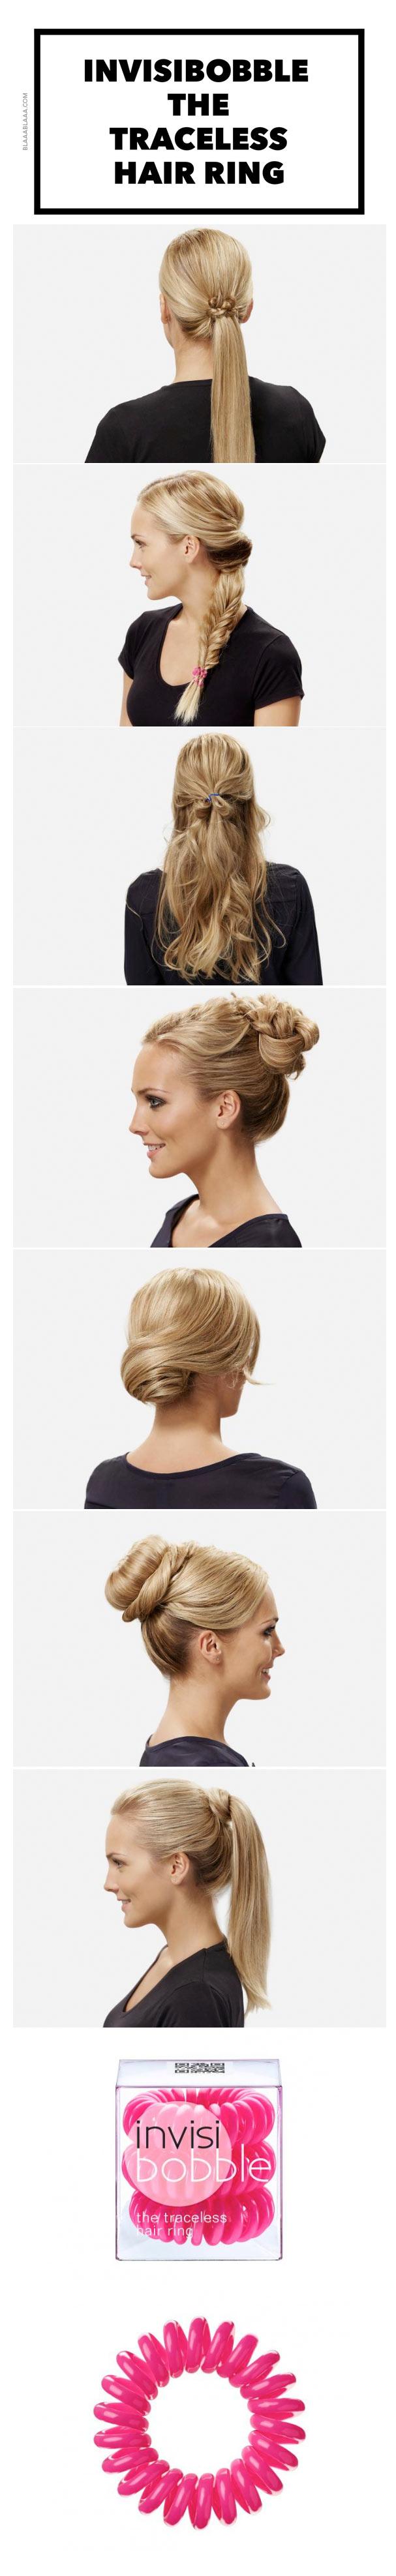 Invisibobble Das Frisuren Gadget Blaaablaaa Frisuren Haarzubehor Haarschonheit